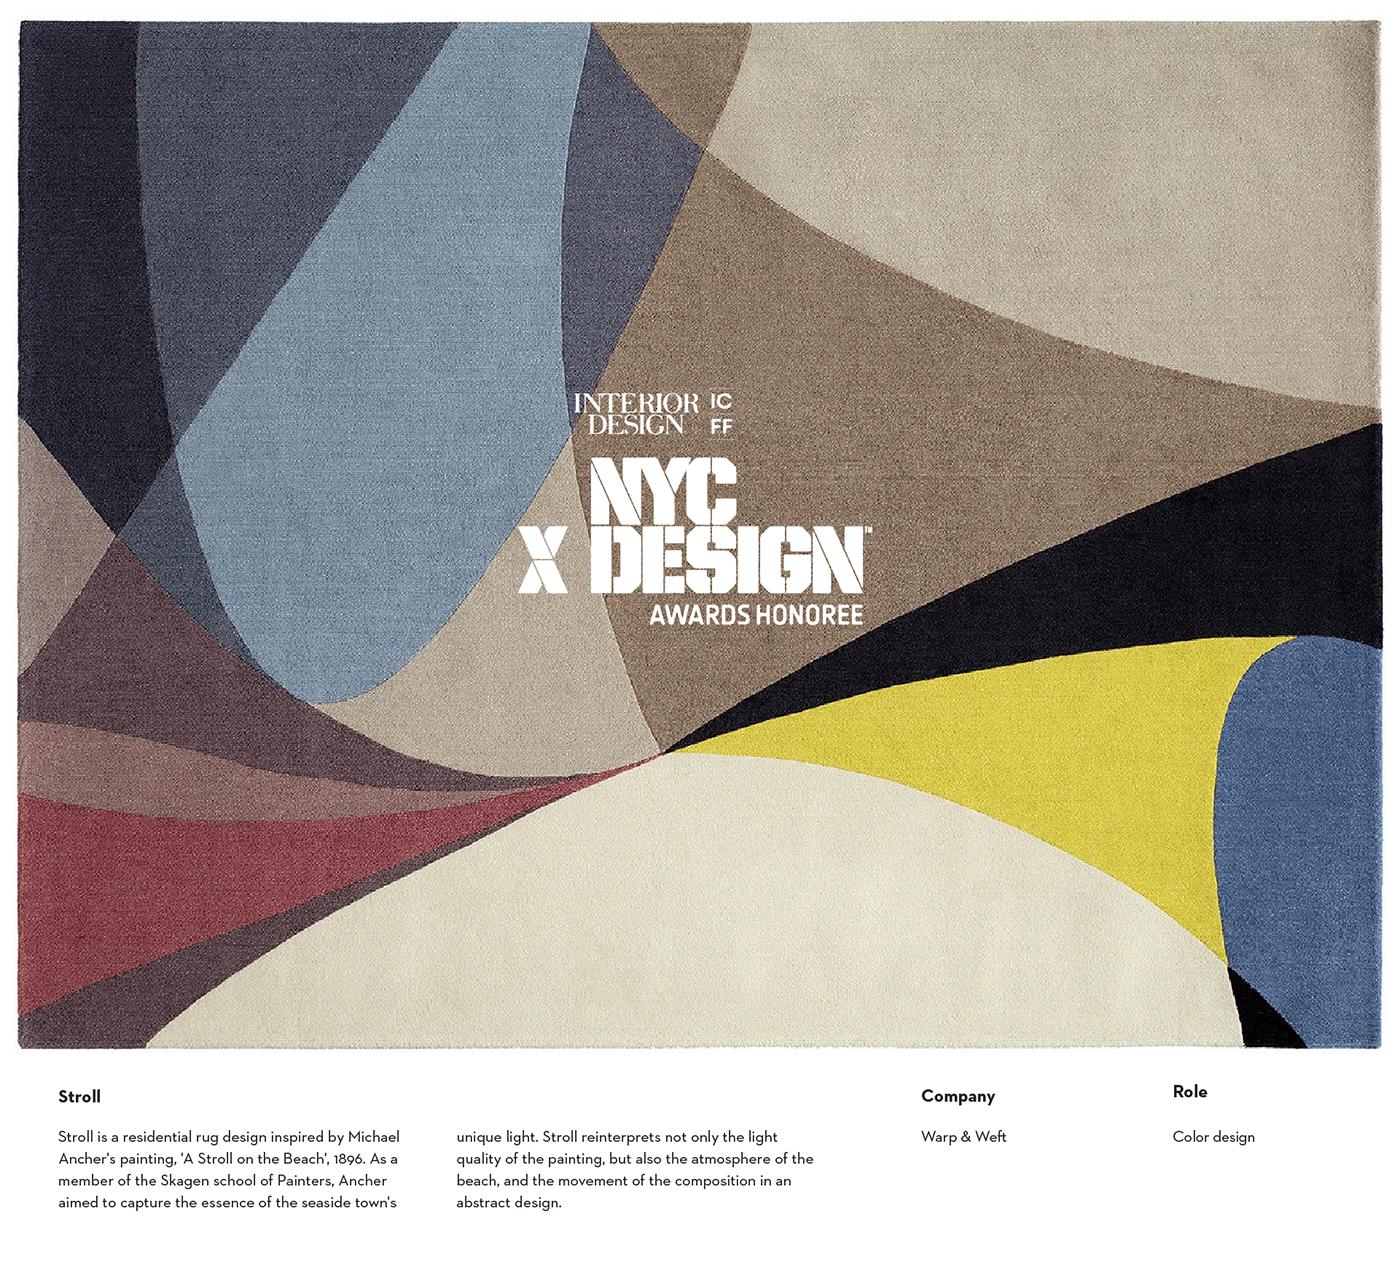 Color Design NYCxDesign rug design